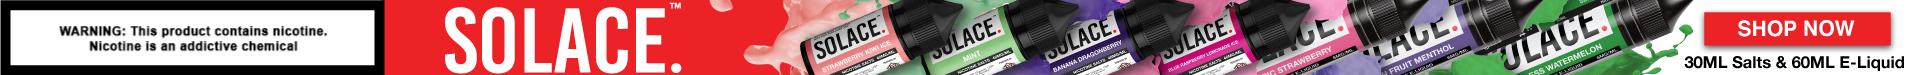 SOLACE SALTS E-JUICE